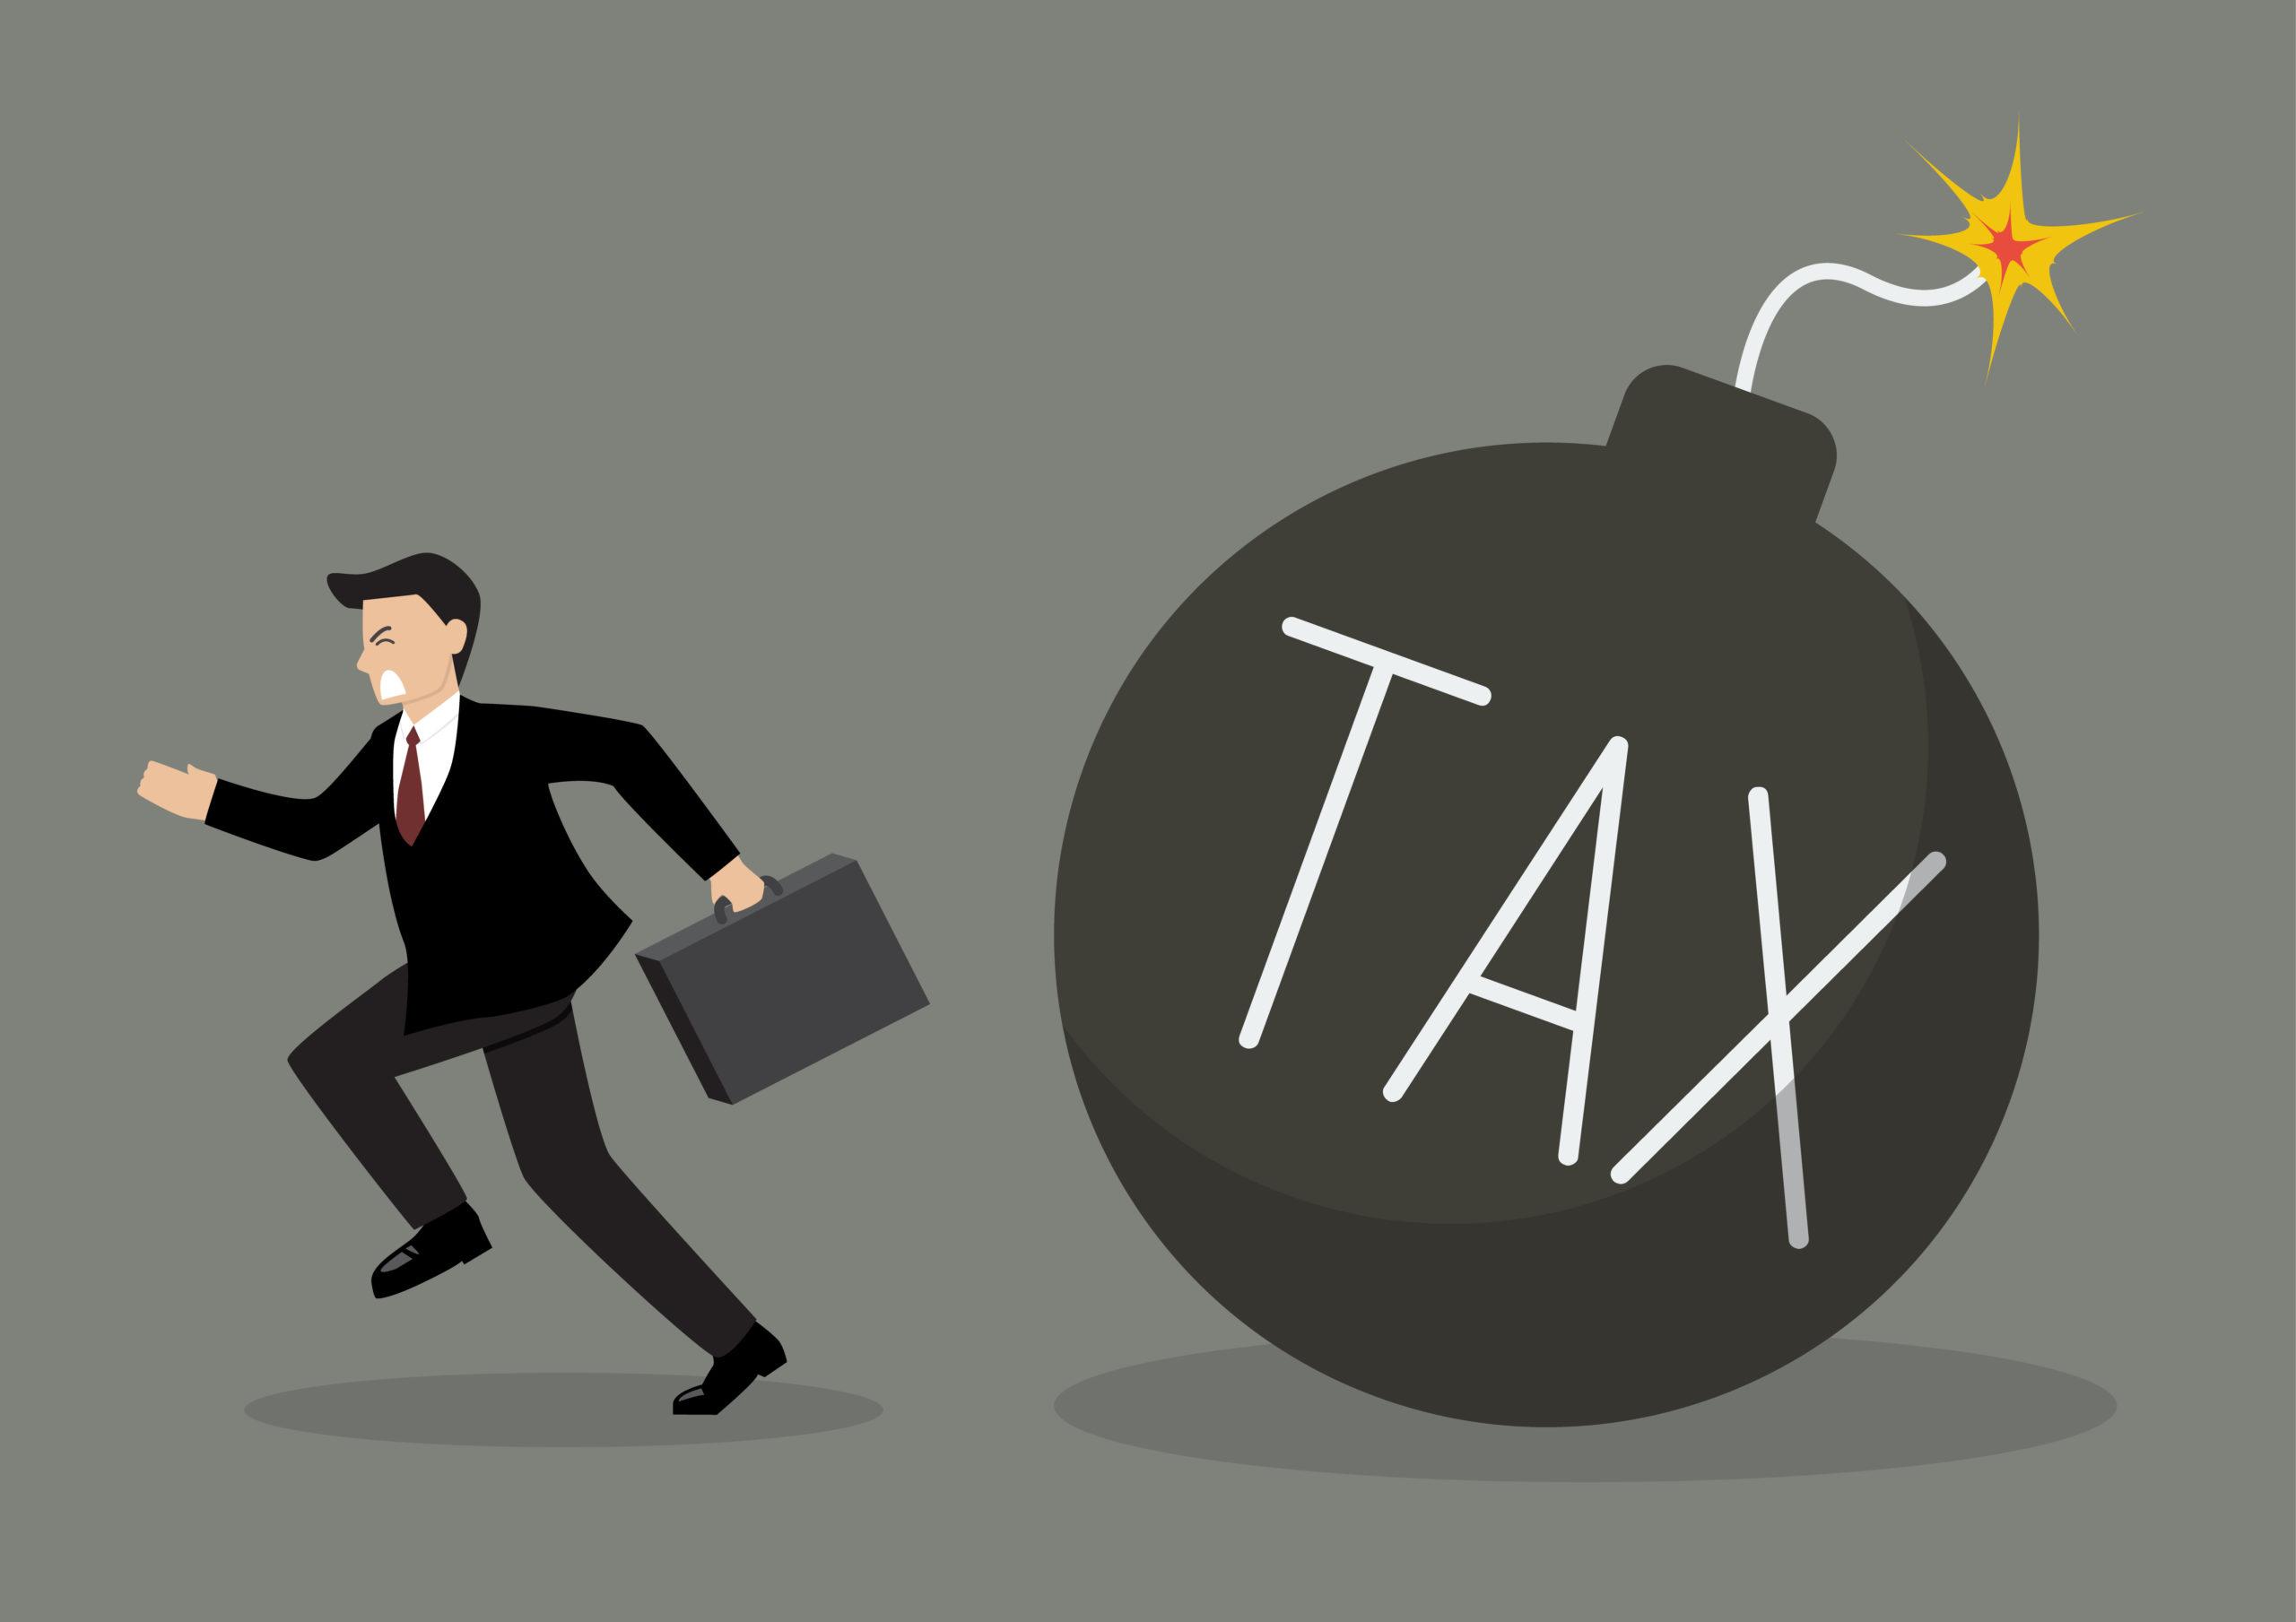 André Iizuka: Prevenção para cumprir obrigações fiscais é tendência